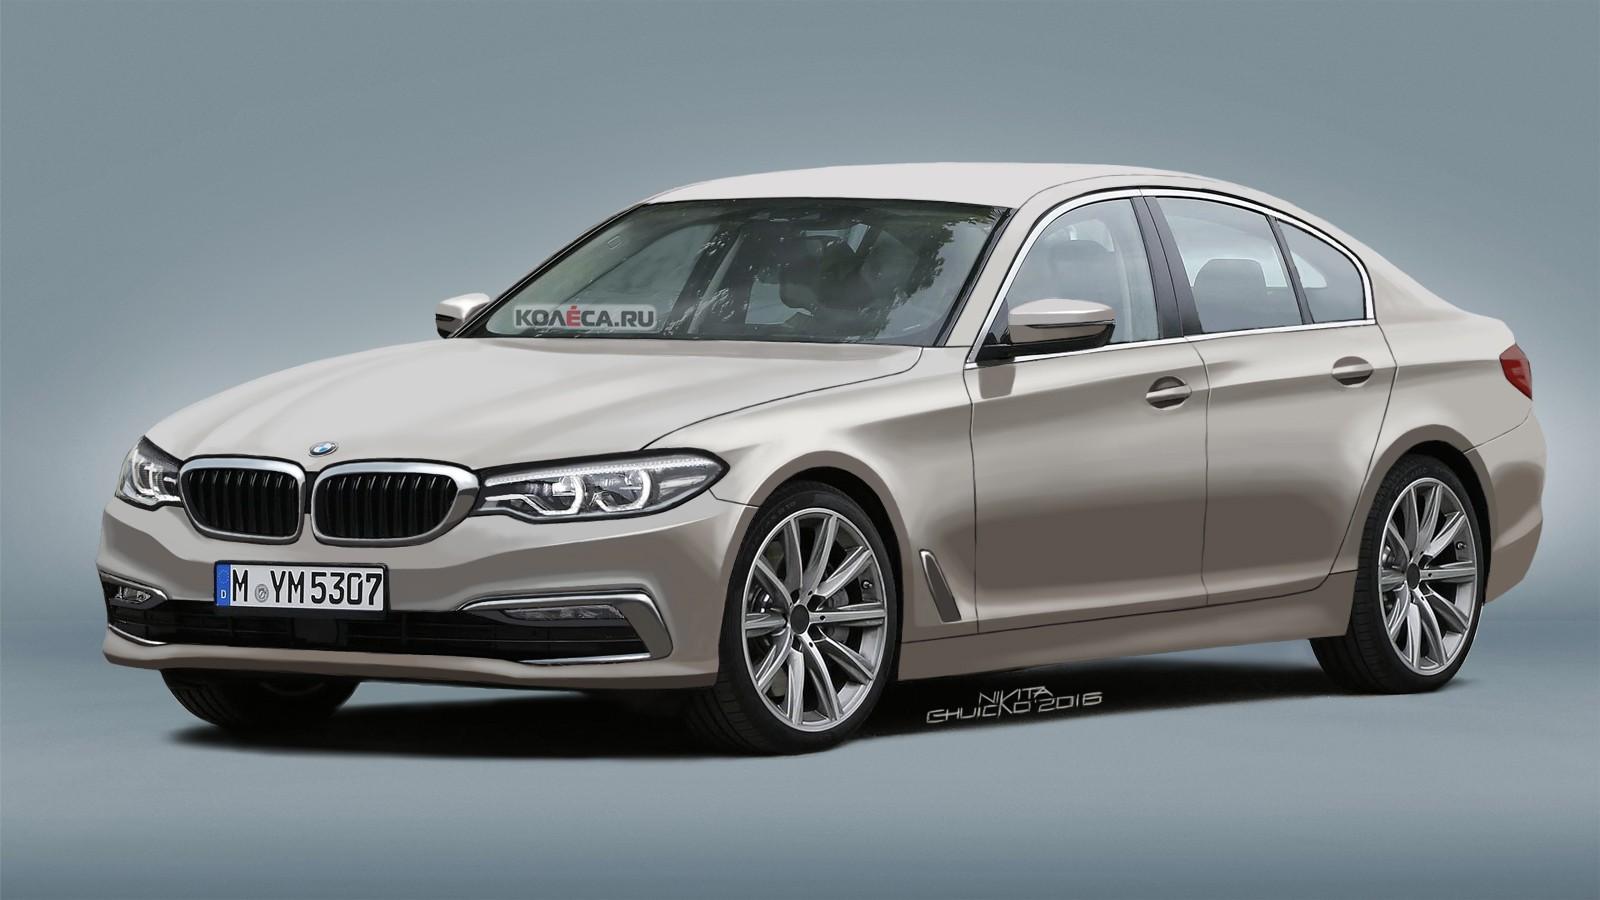 BMW 5er front